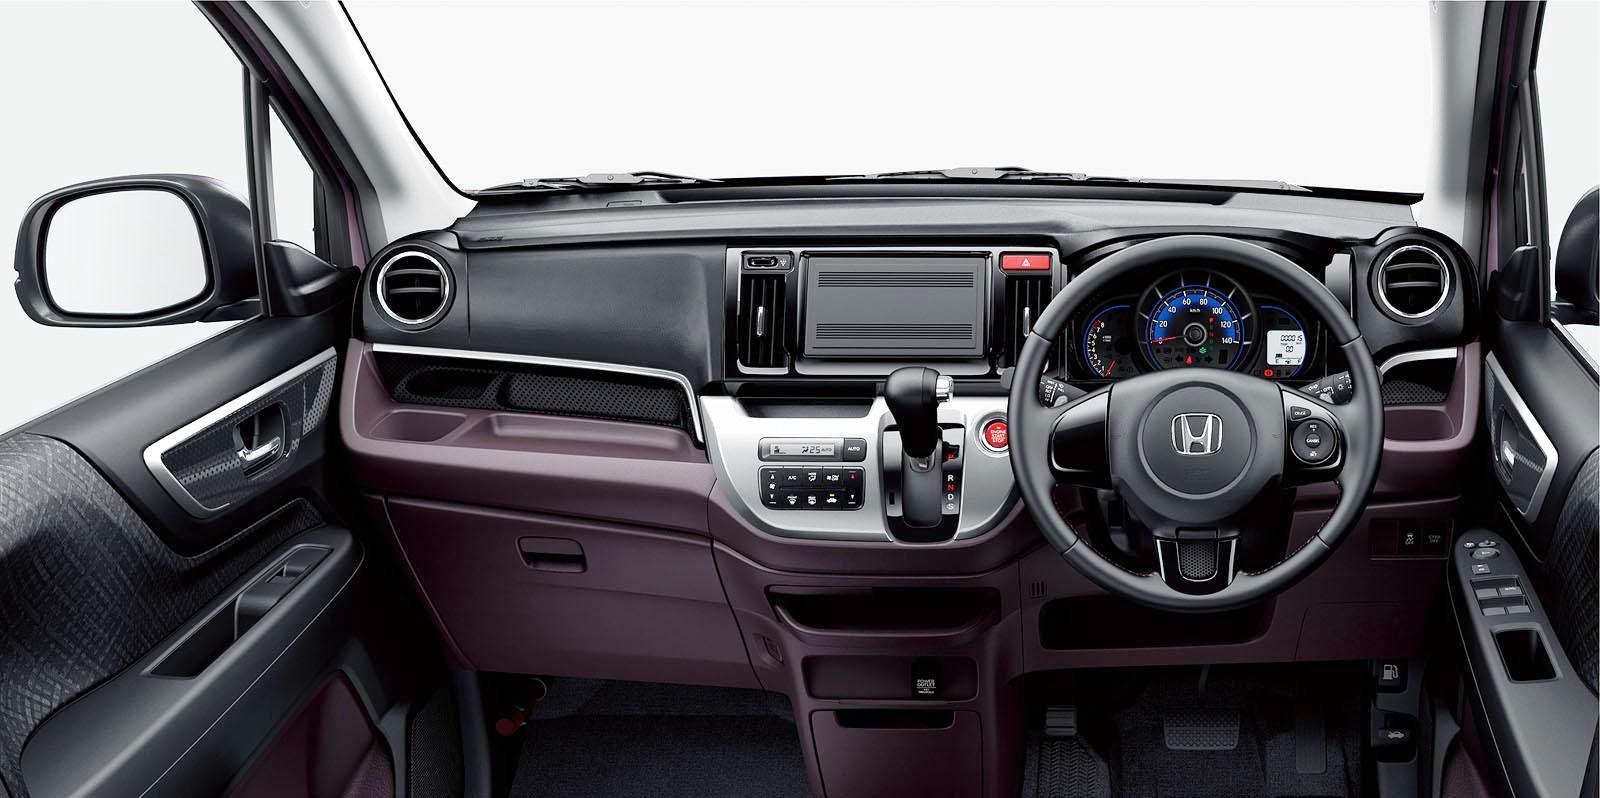 Honda N-WGN and N-WGN Custom for Tokyo show Image 206342